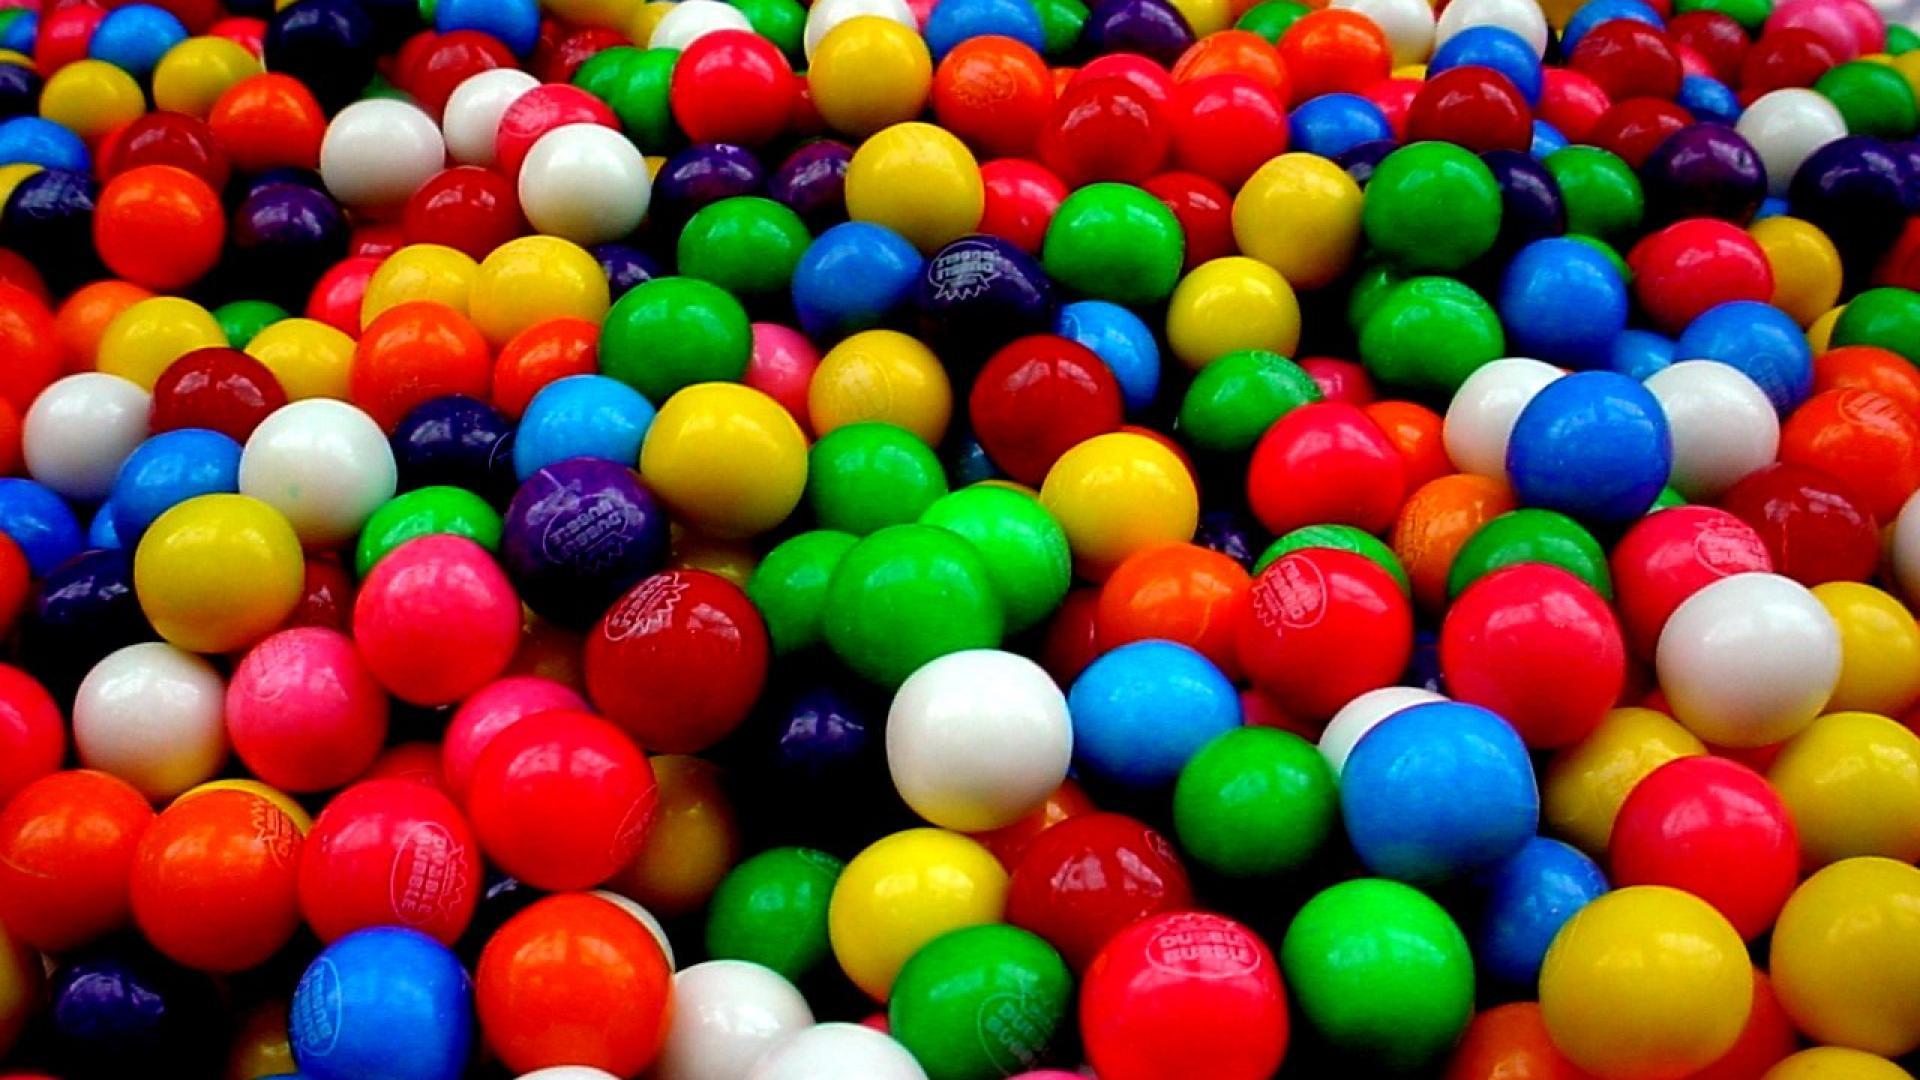 candy desktop wallpaper